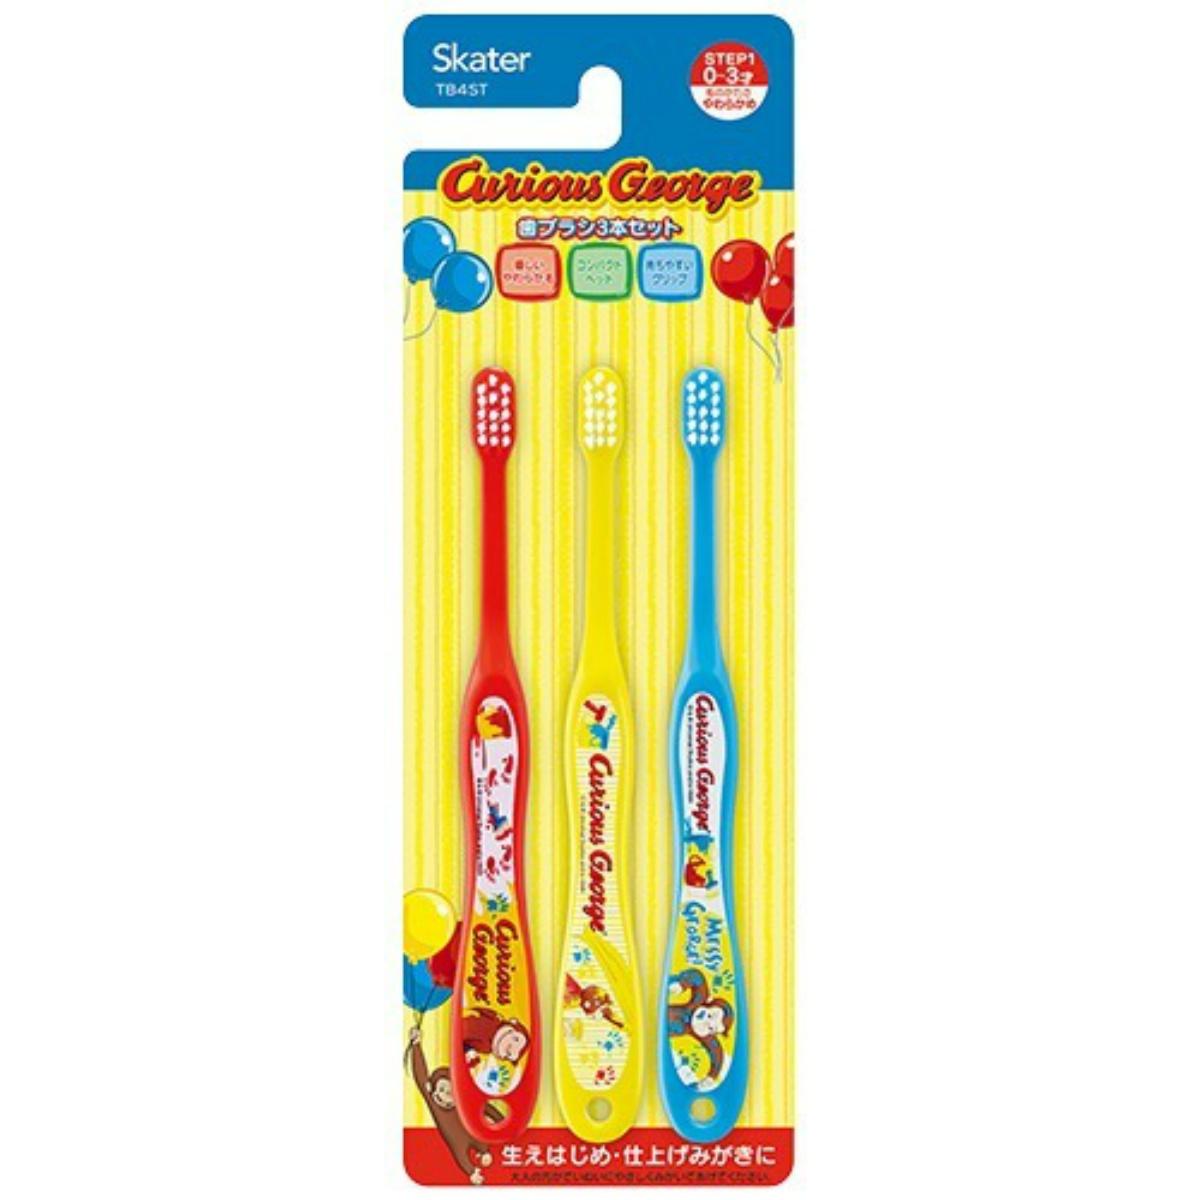 子ども用キャラクター歯ブラシ 4973307470622 送料込 まとめ買い×240個セット スケーター 3本入 歯ブラシ TB4ST 割引も実施中 おさるのジョージ 乳児用 ディスカウント